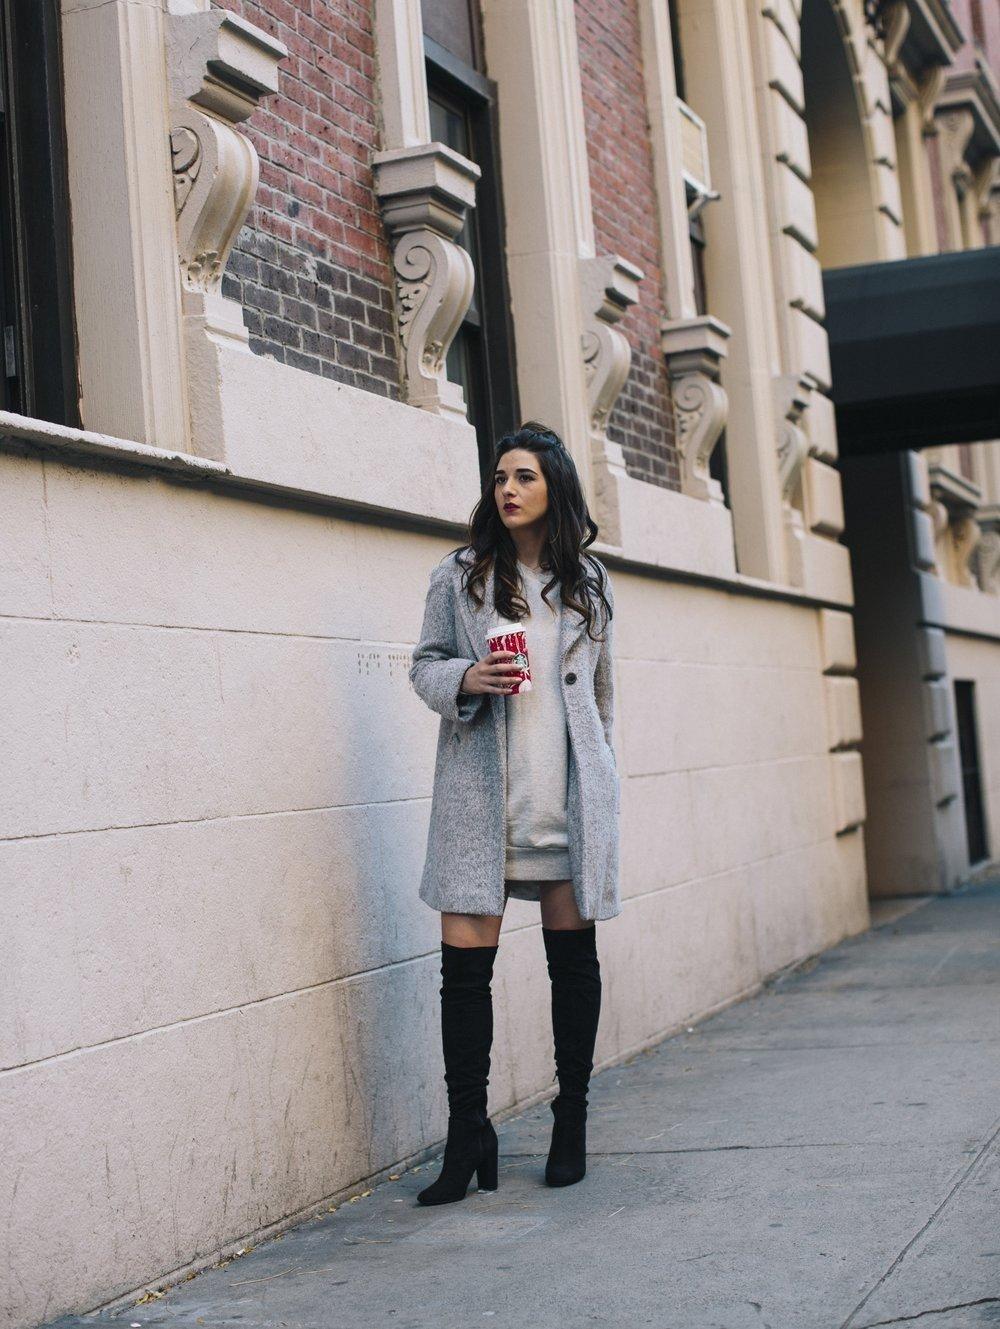 модные образы весна 2019: серое пальто и черные сапоги